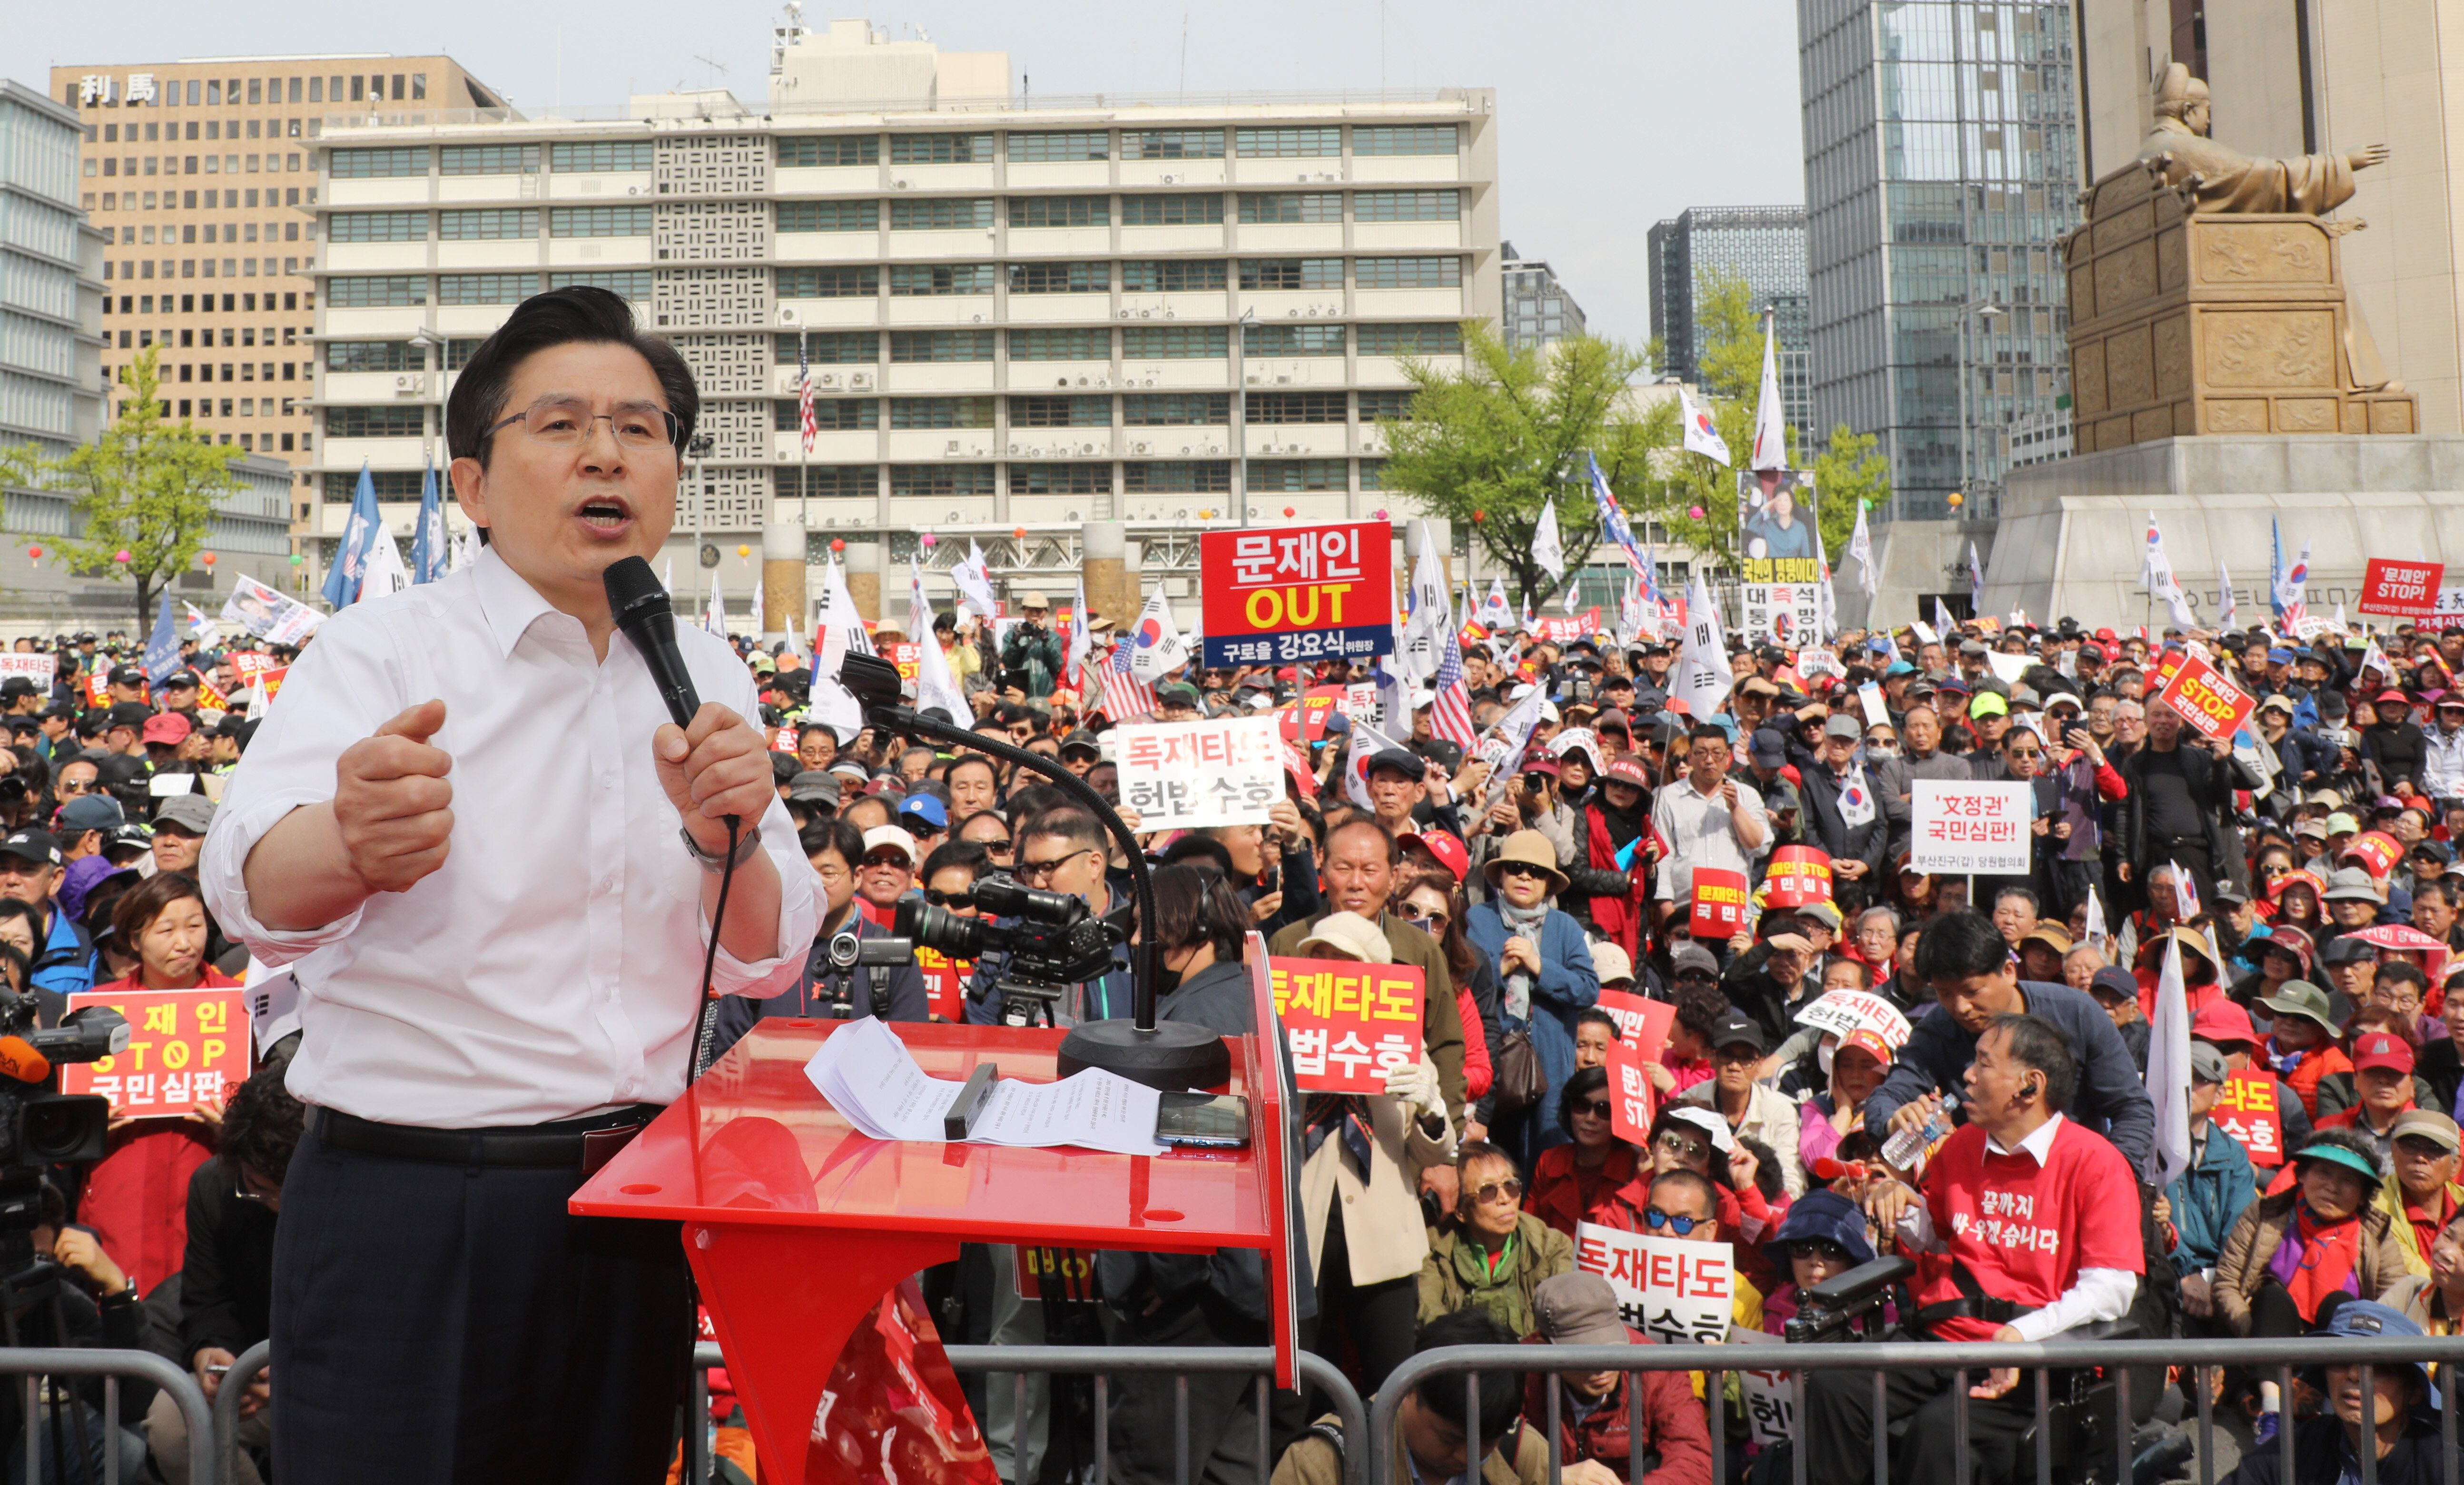 황교안 자유한국당 대표가 27일 오후 서울 종로구 세종문화회관 앞에서 열린 '문재인 정권의 국정운영 규탄 2차 장외집회'에서 연설을 하고